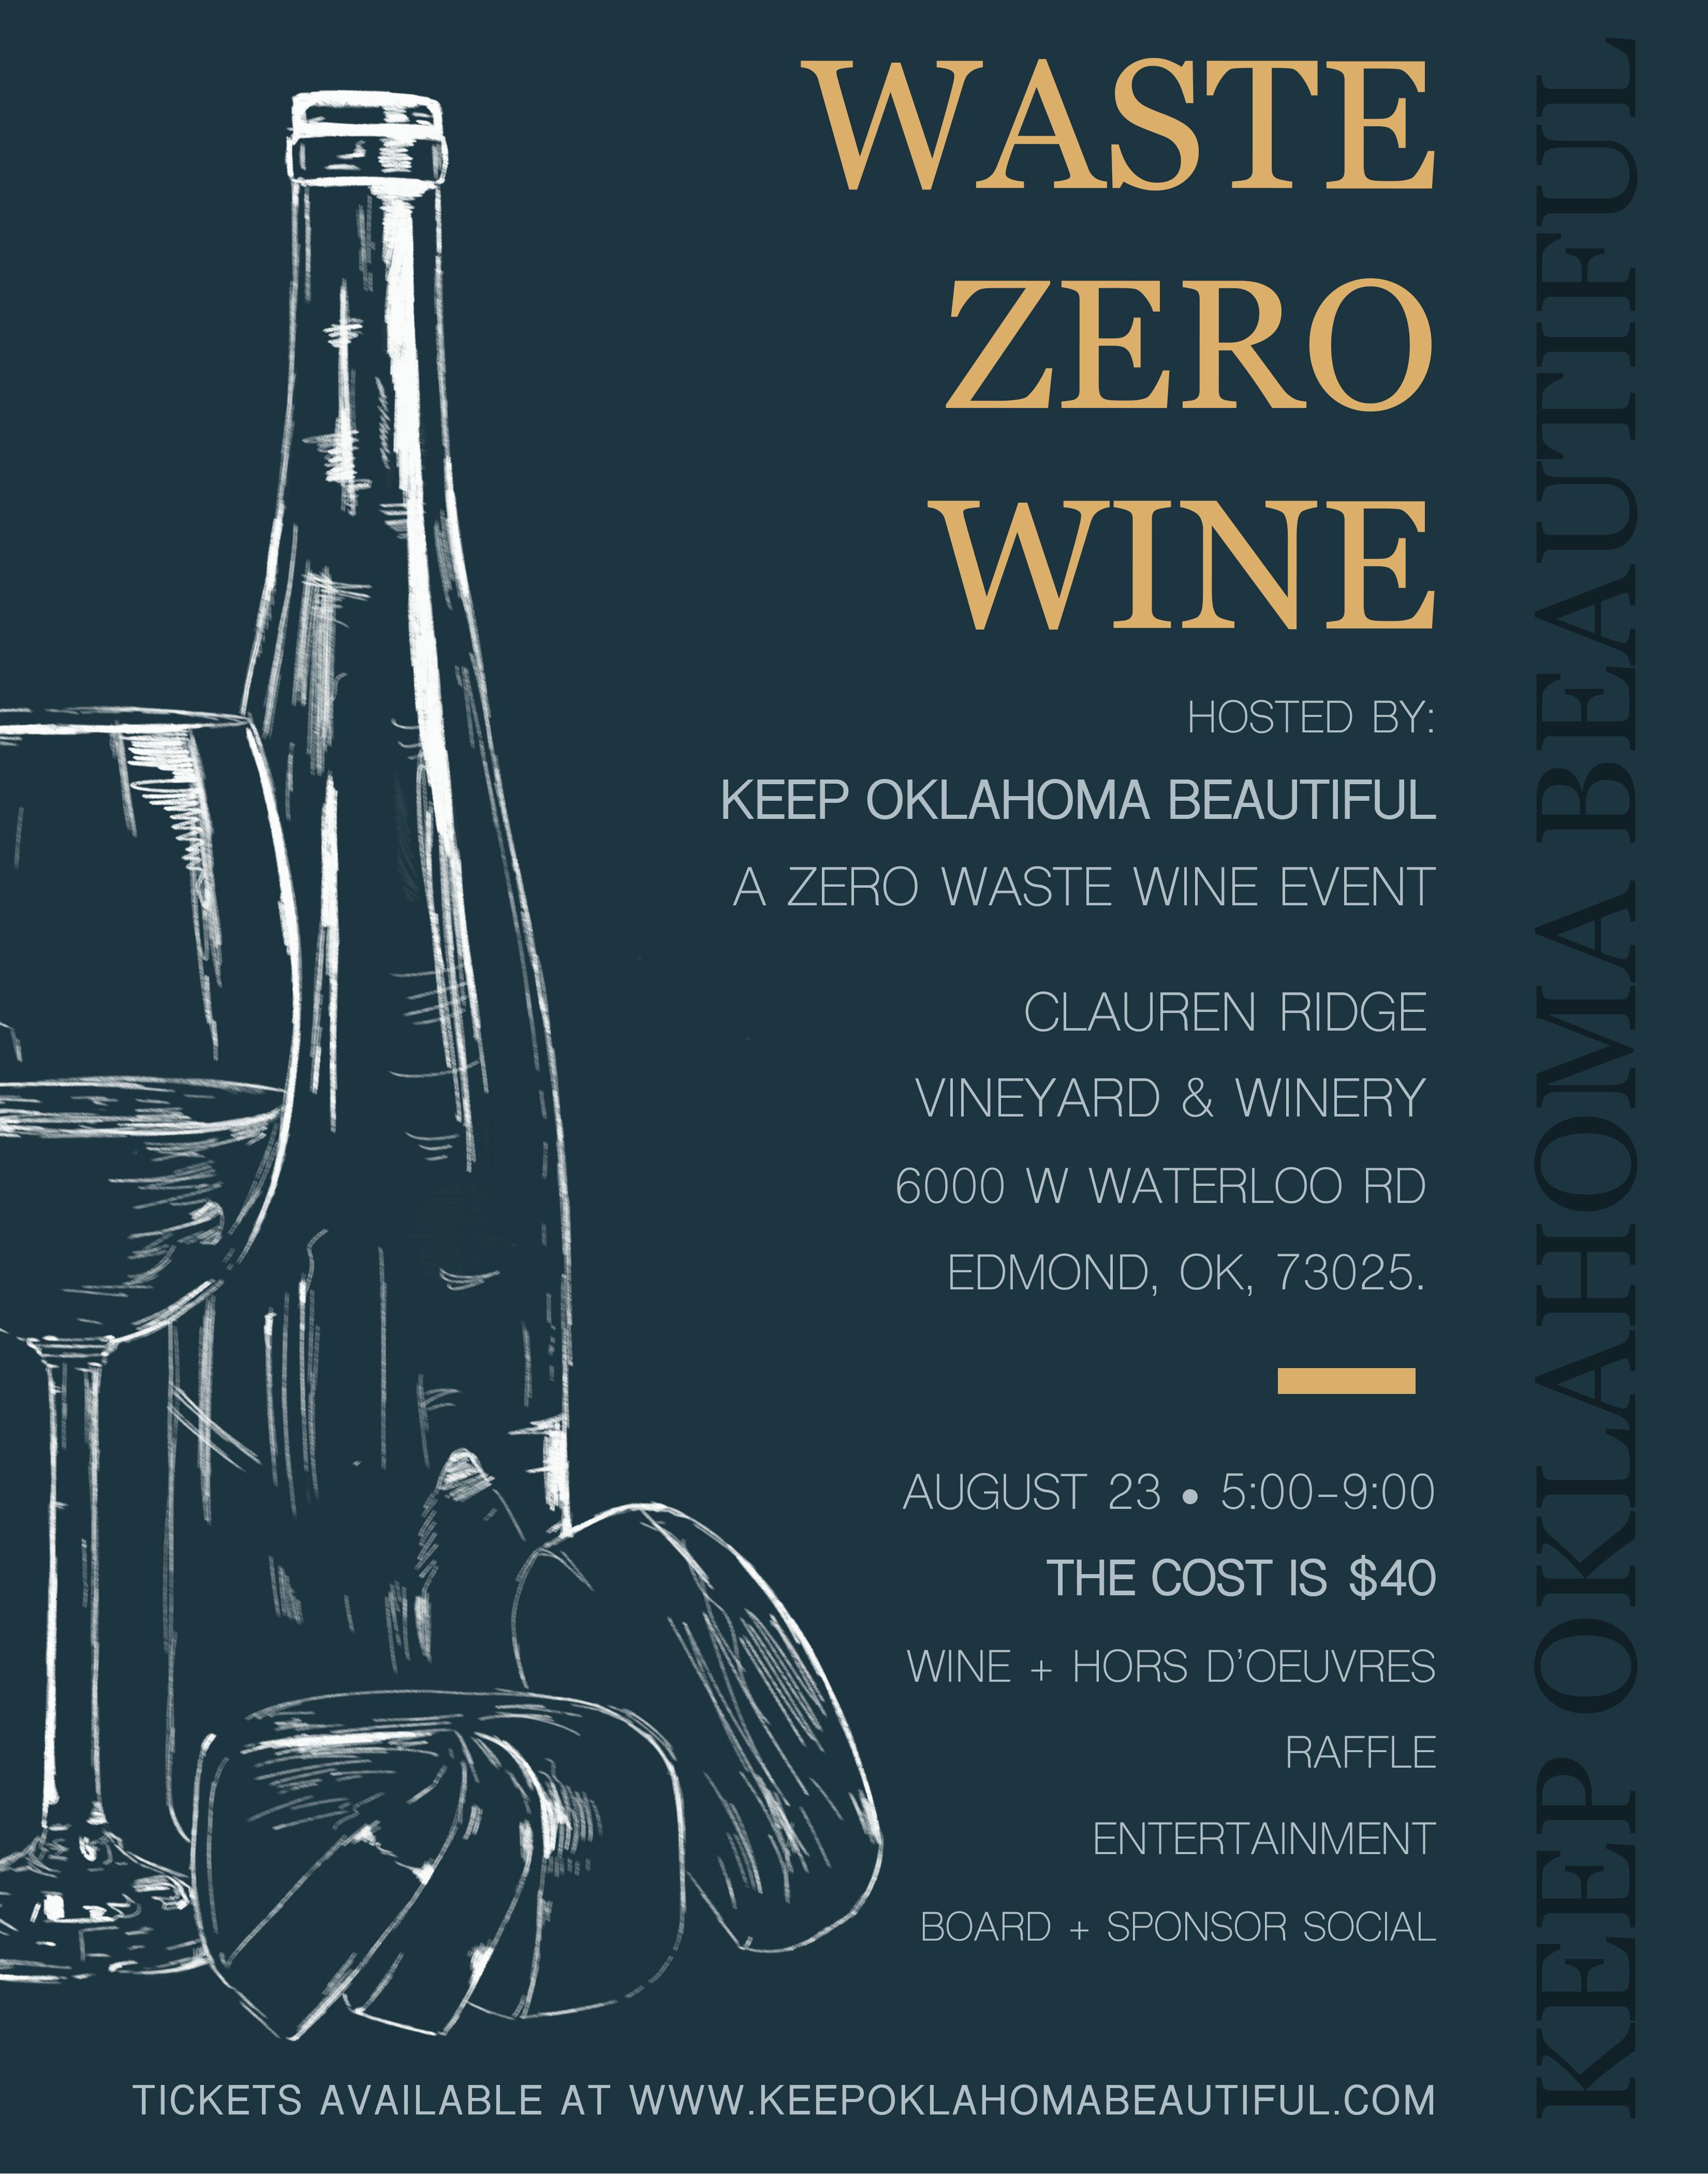 Waste Zero Wine